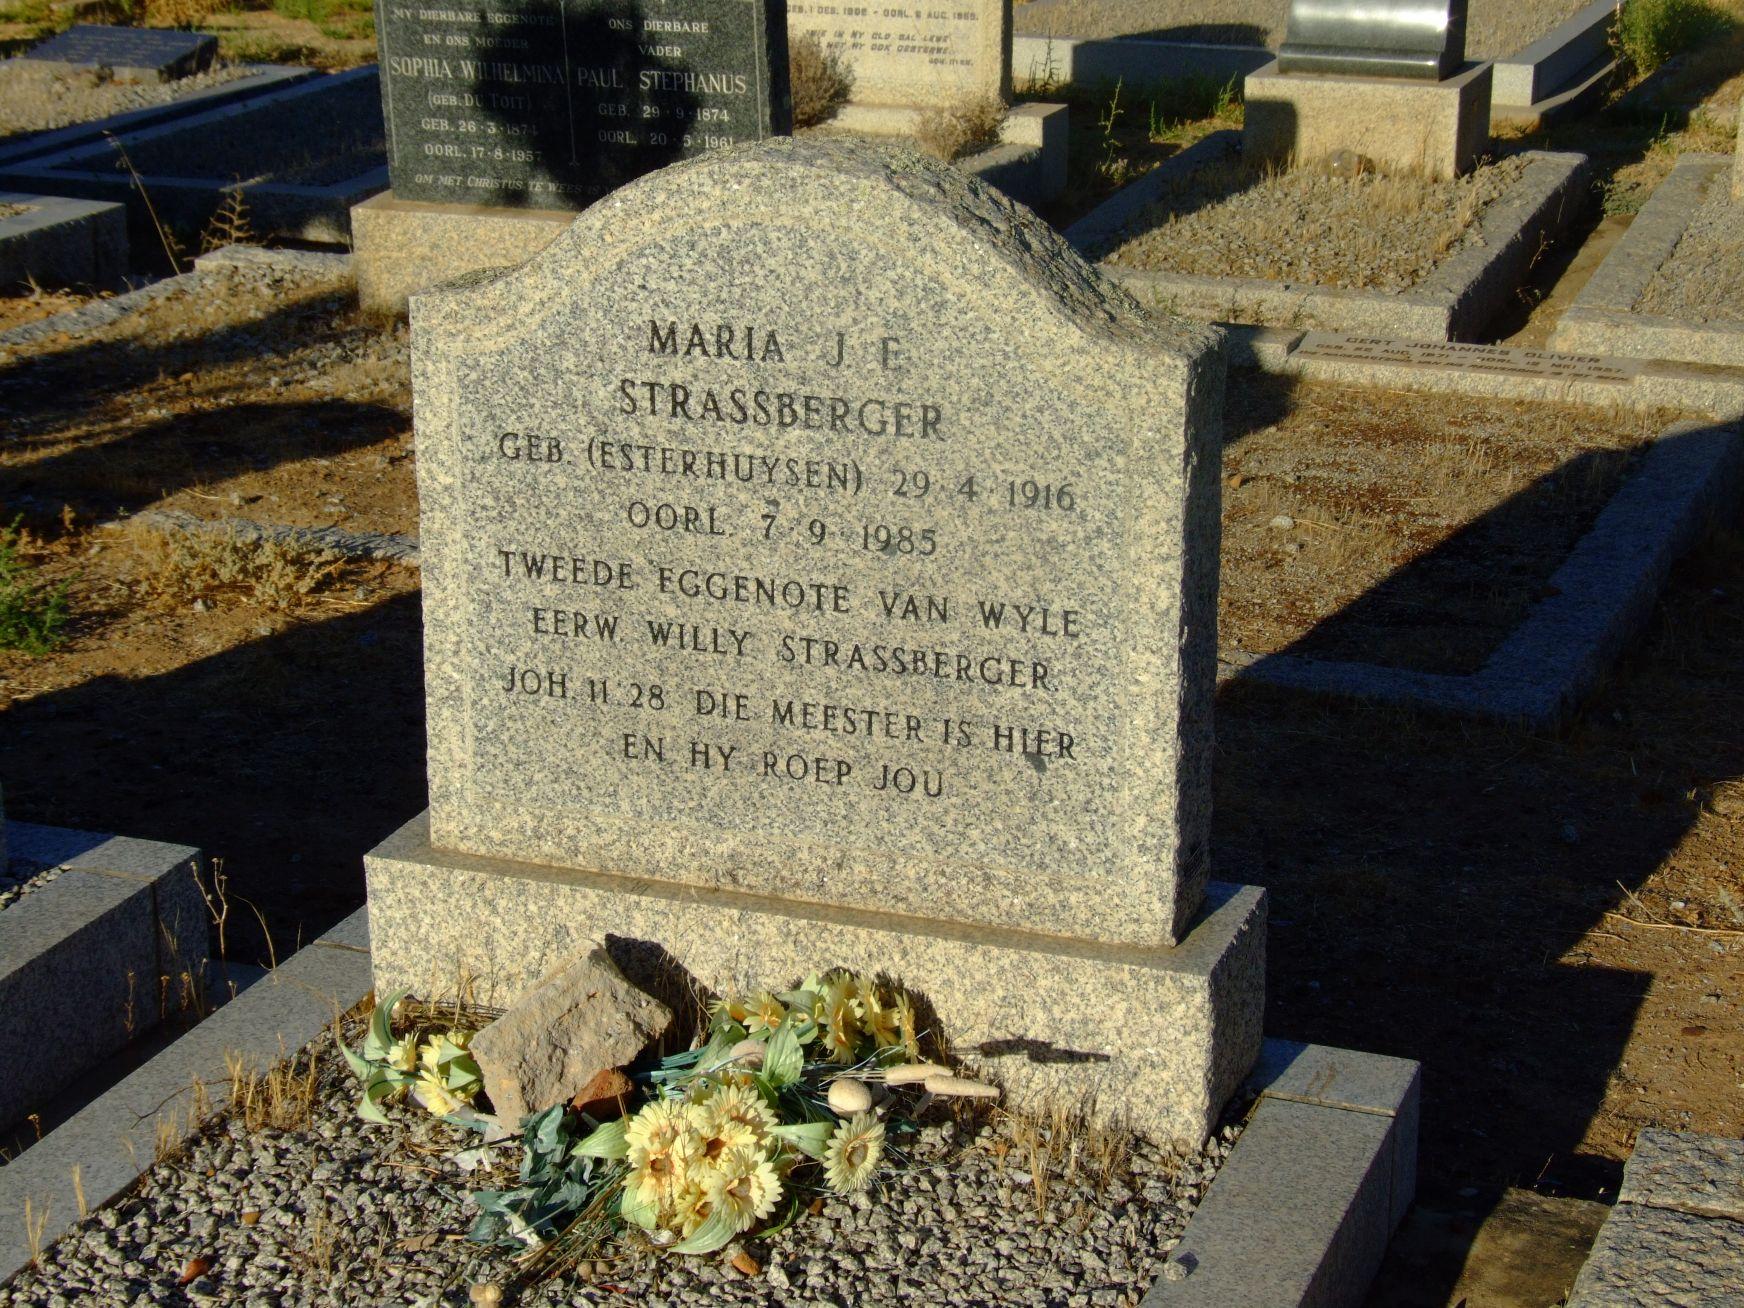 Strassberger, Maria J.E (geb Esterhuizen)